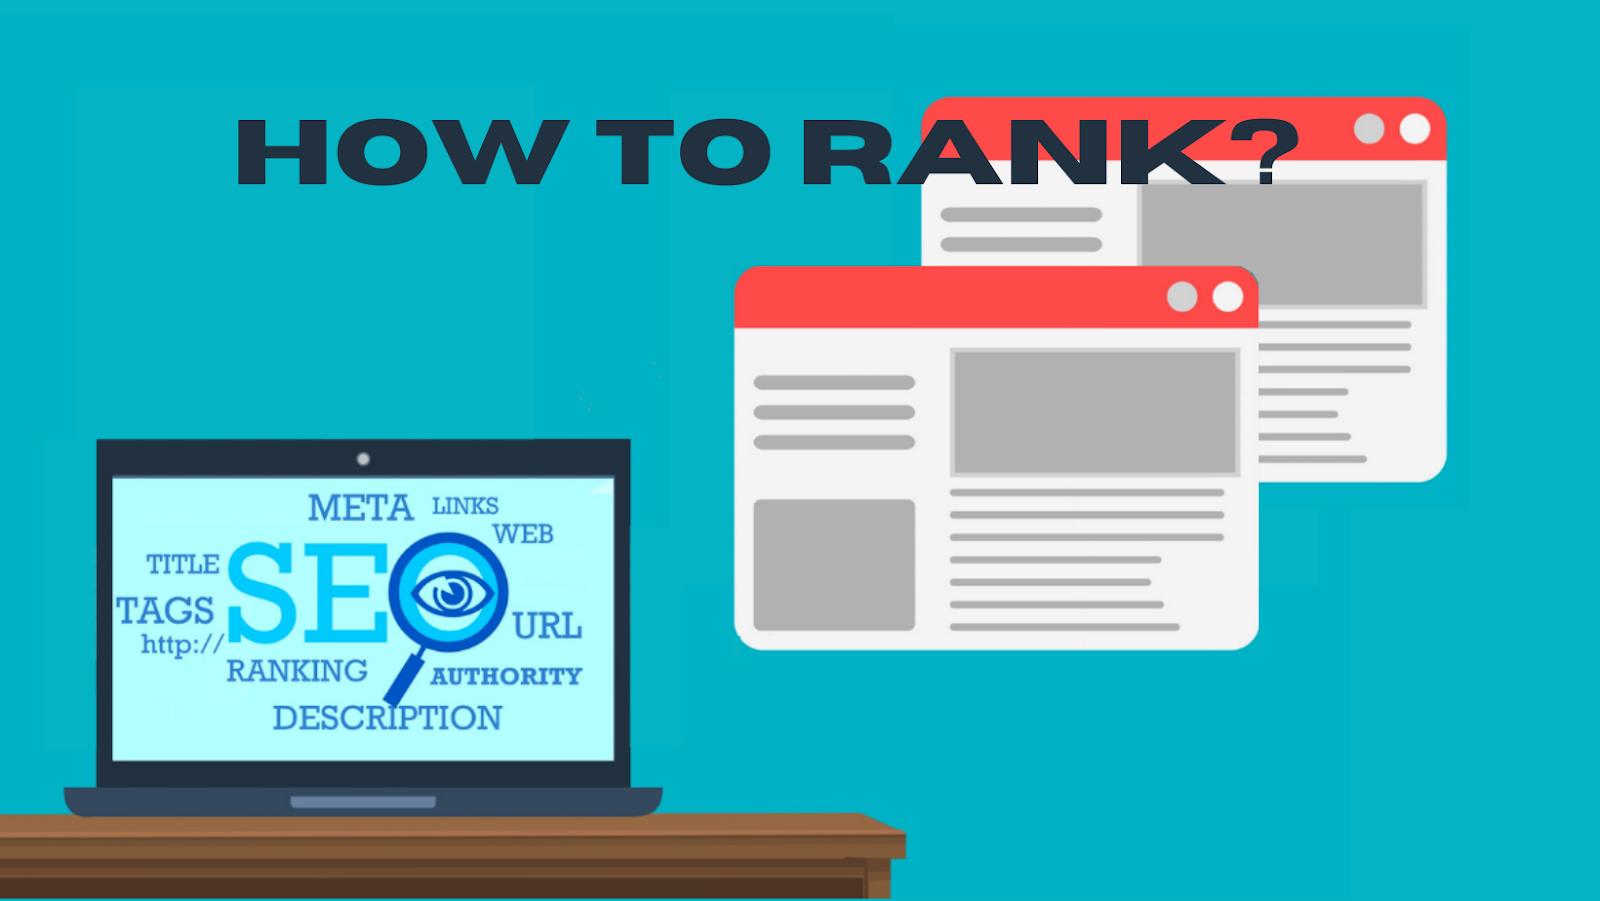 Computador com fatores de ranqueamento na tela ao lado de páginas da web. Texto: How to Rank?